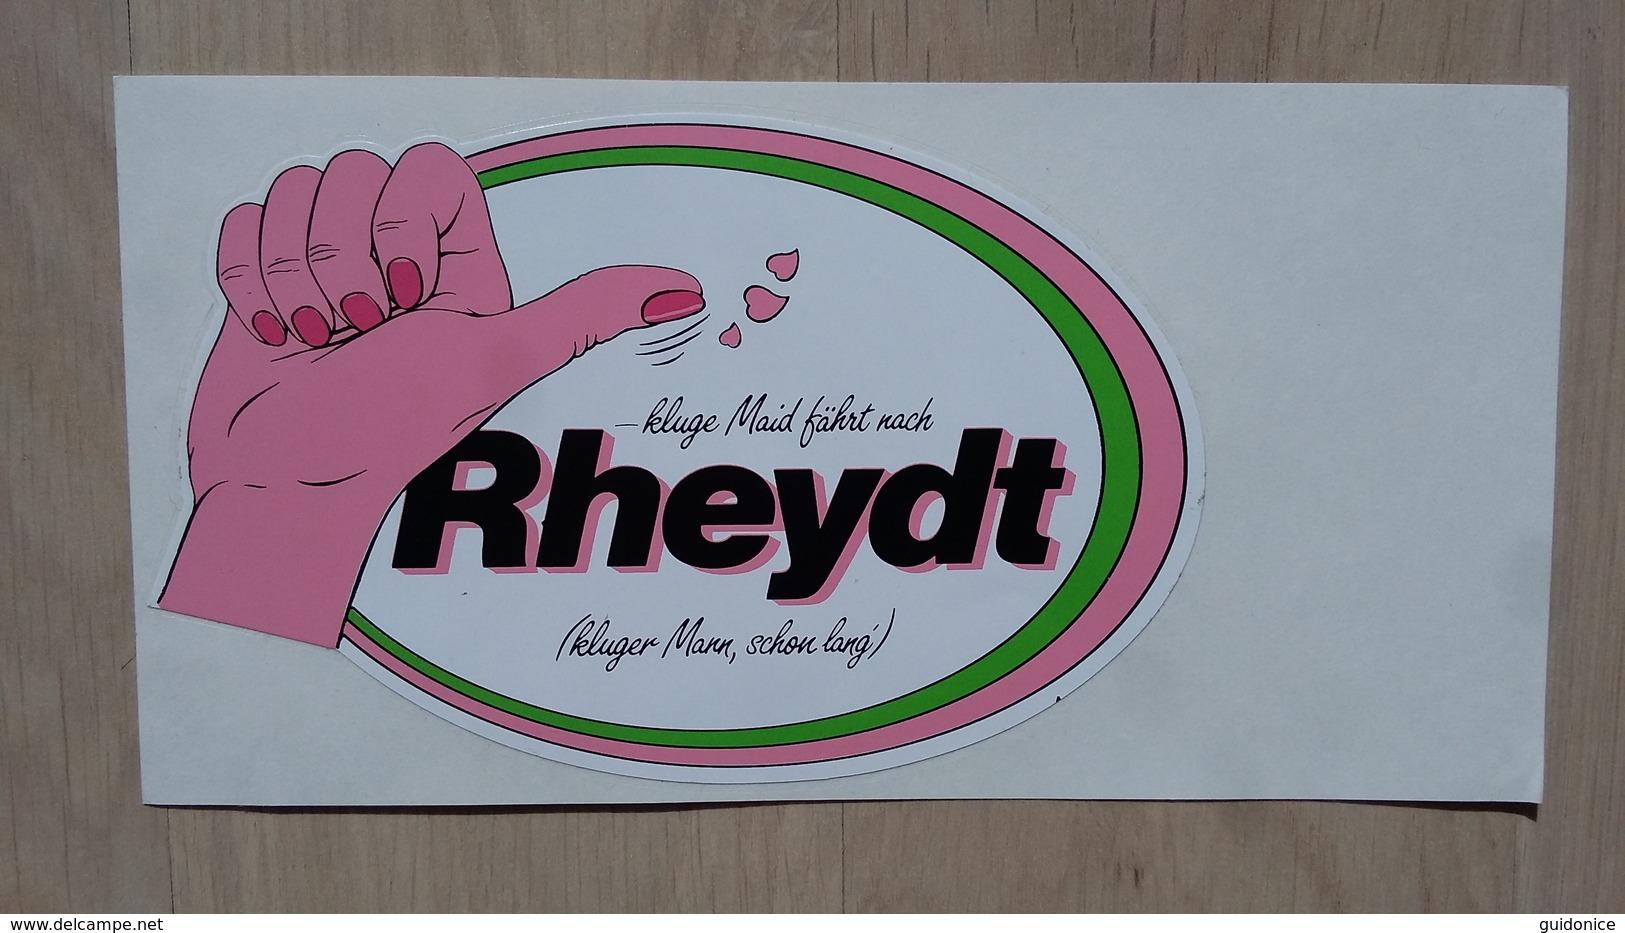 Aufkleber Mit Werbung Für Rheydt (Stadtdteil Von Mönchengladbach) - Autocollants